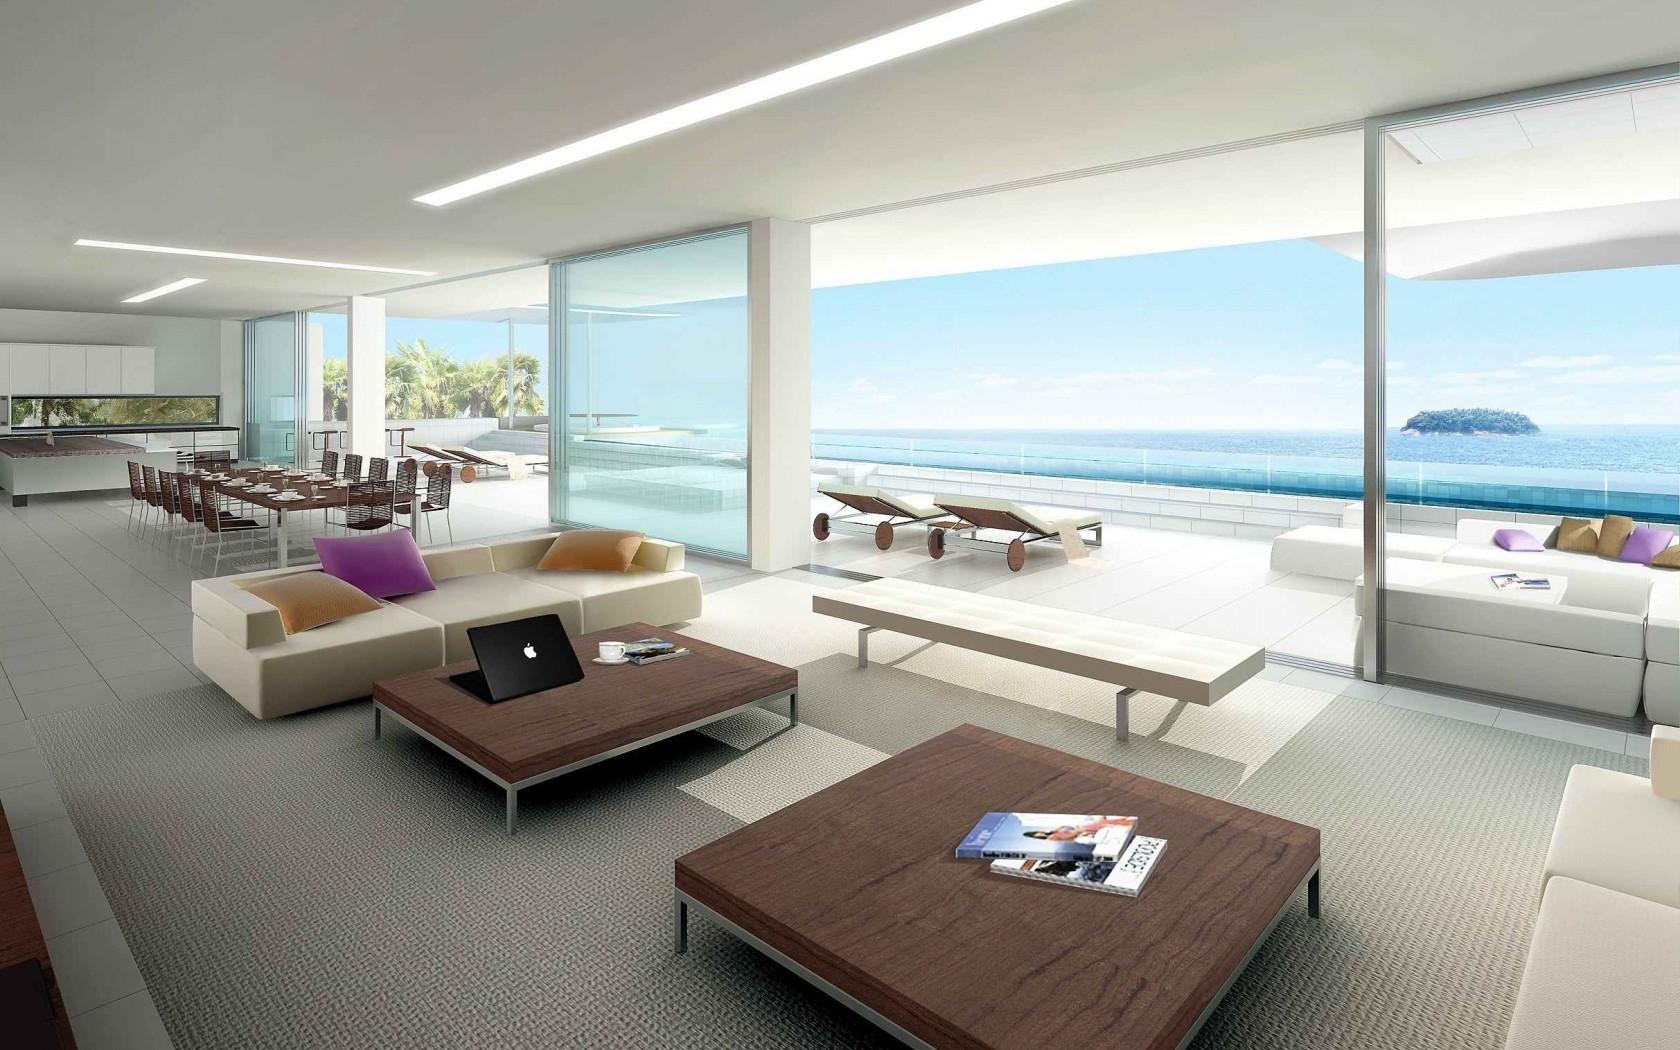 Hintergrundbilder : Zimmer, Innere, modern, Yacht, Innenarchitektur ...